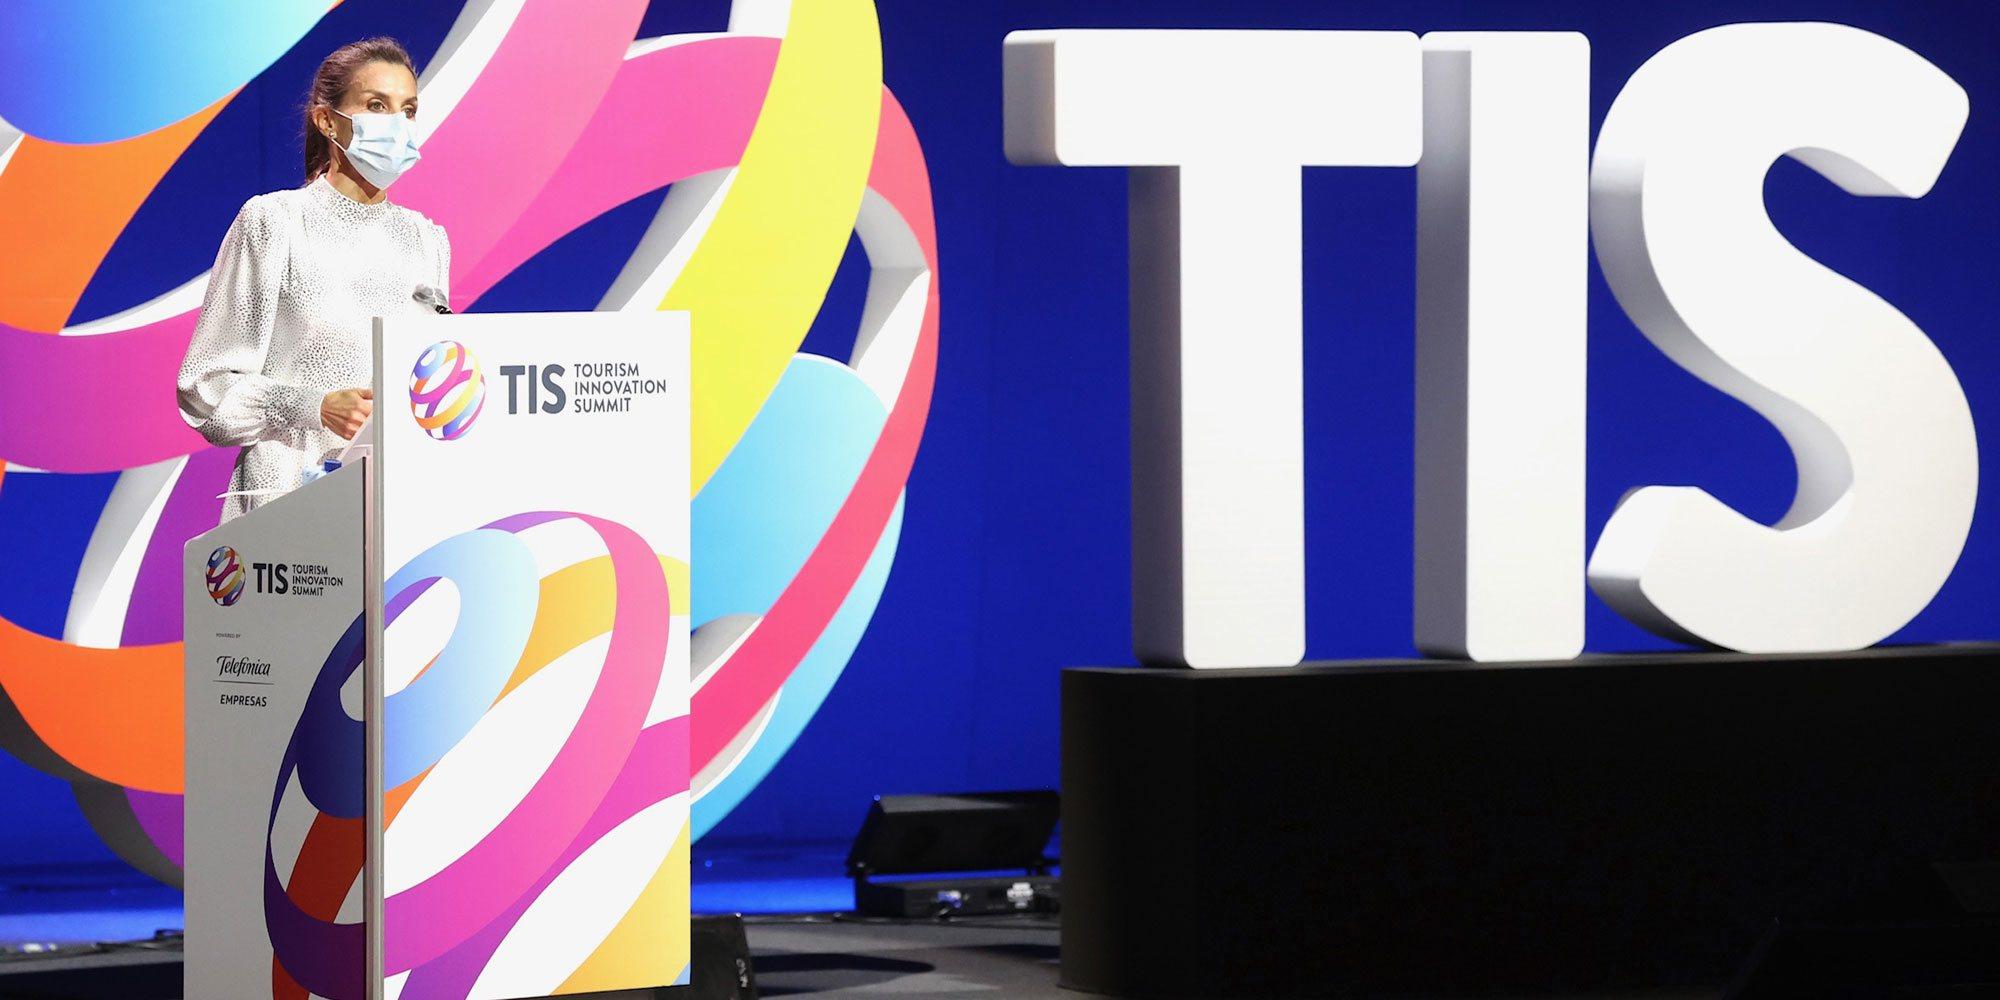 Las palabras de la Reina Letizia en el Tourism Innovation Summit: recuerdo a Felipe VI, perfecto inglés y un toque espontáneo